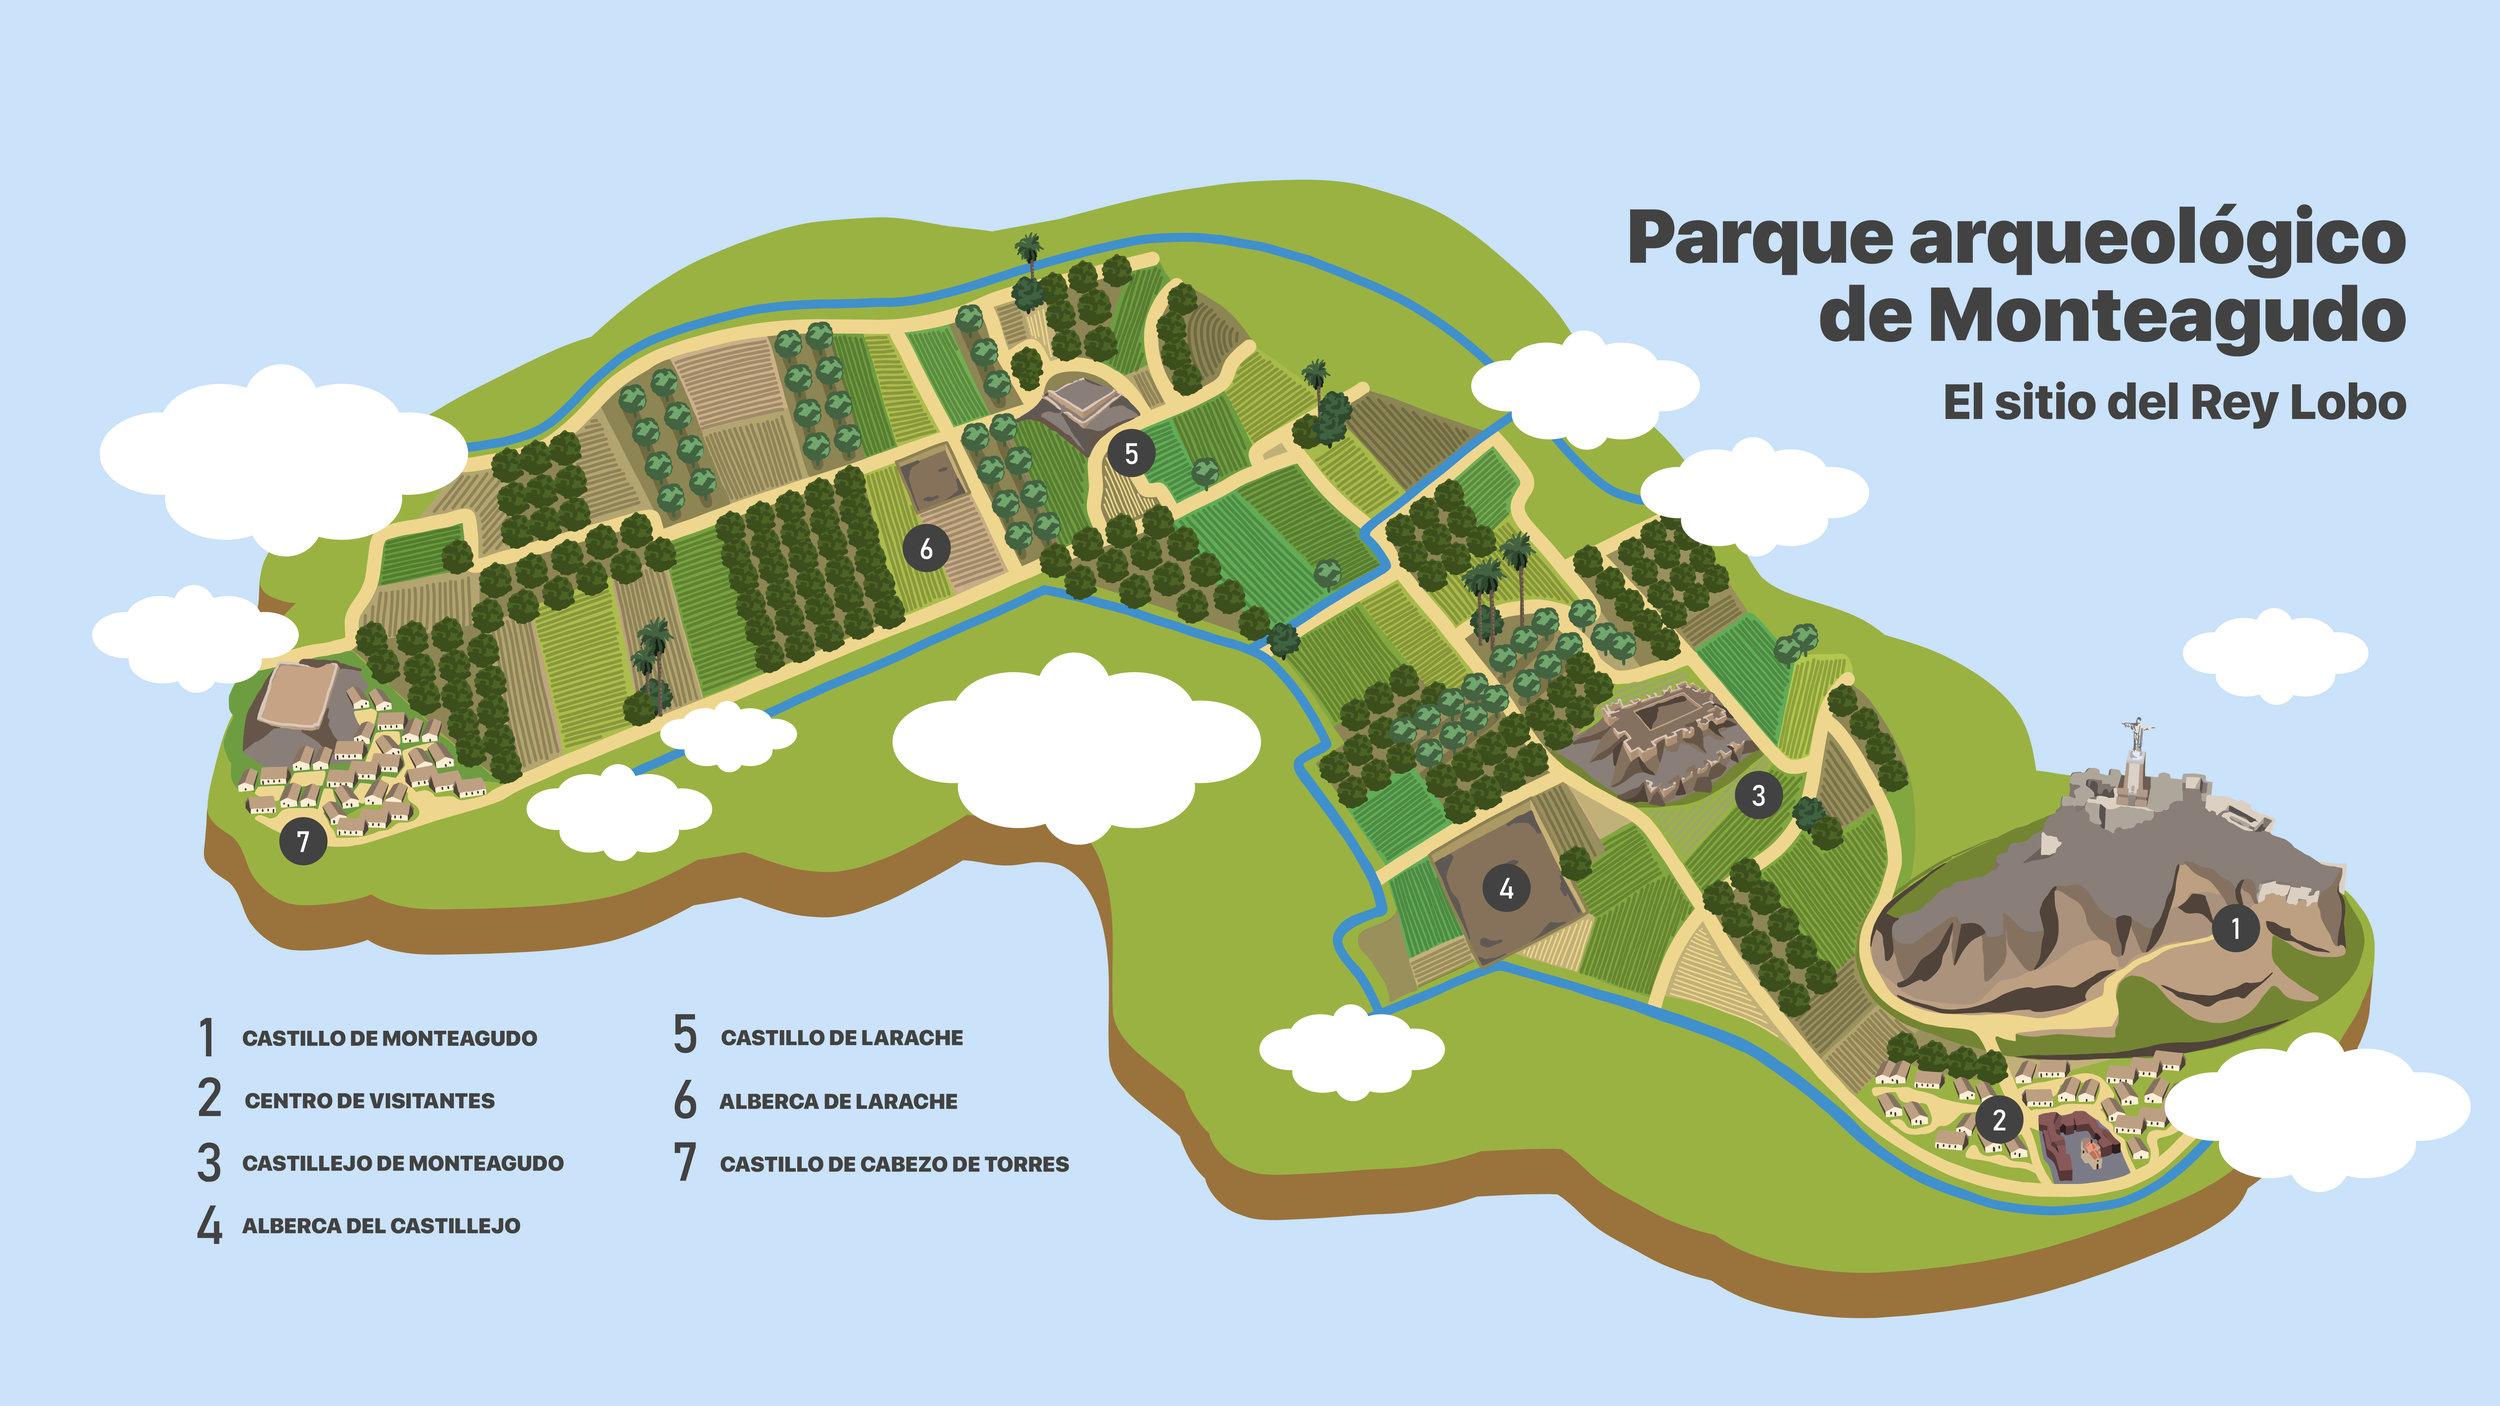 mapa Parque arqueologico de Monteagudo Murcia.jpg